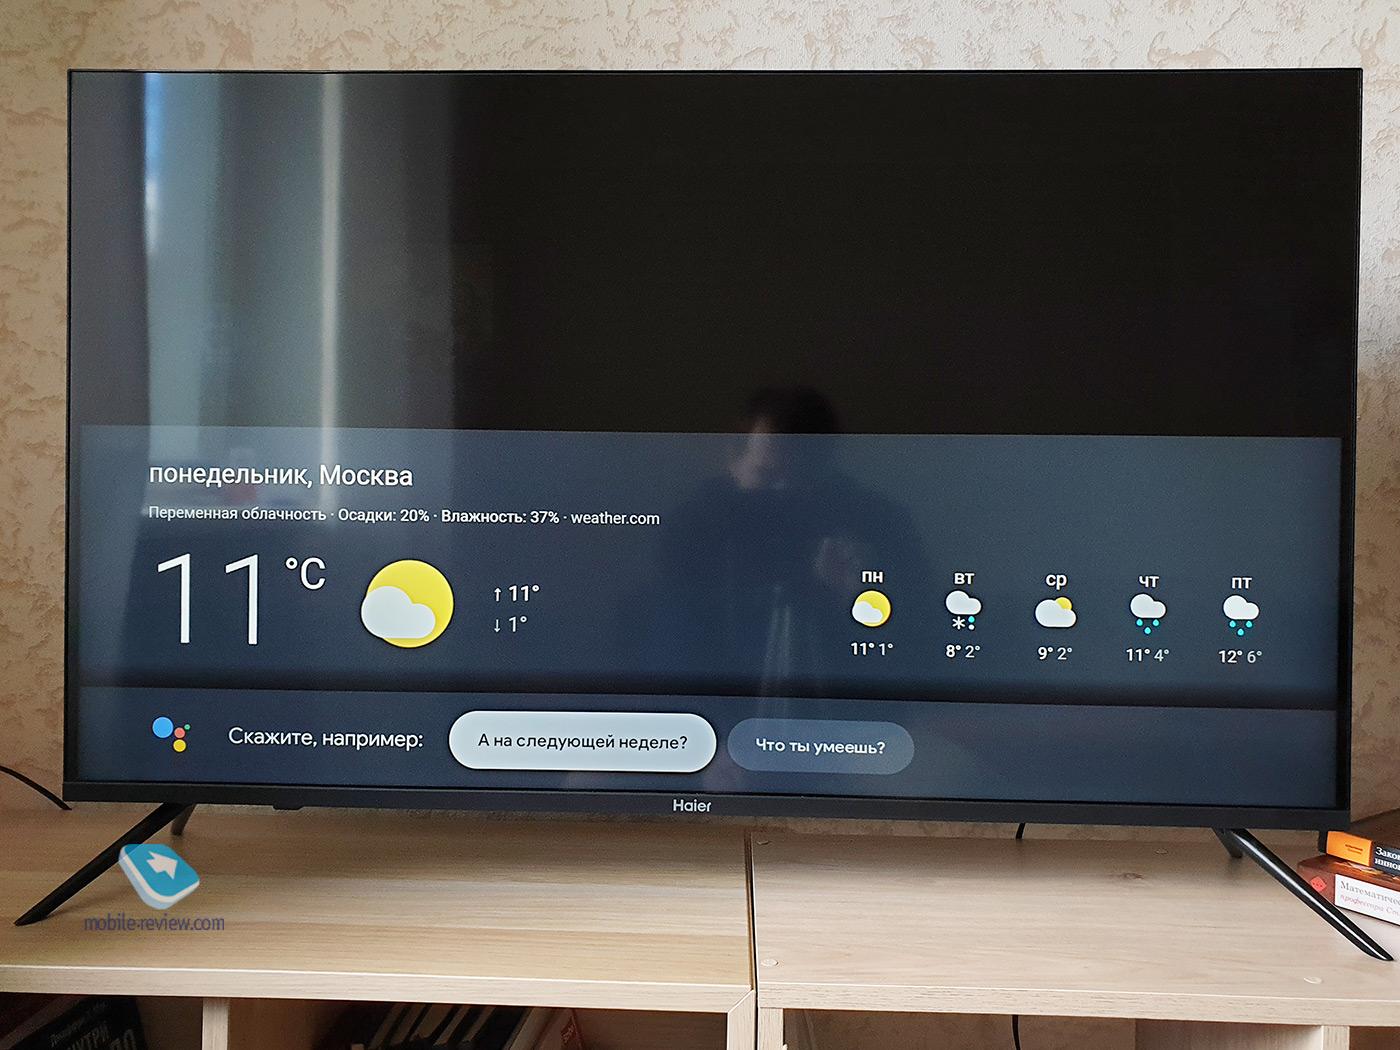 Как правильно выбрать телевизор в 2021 году?